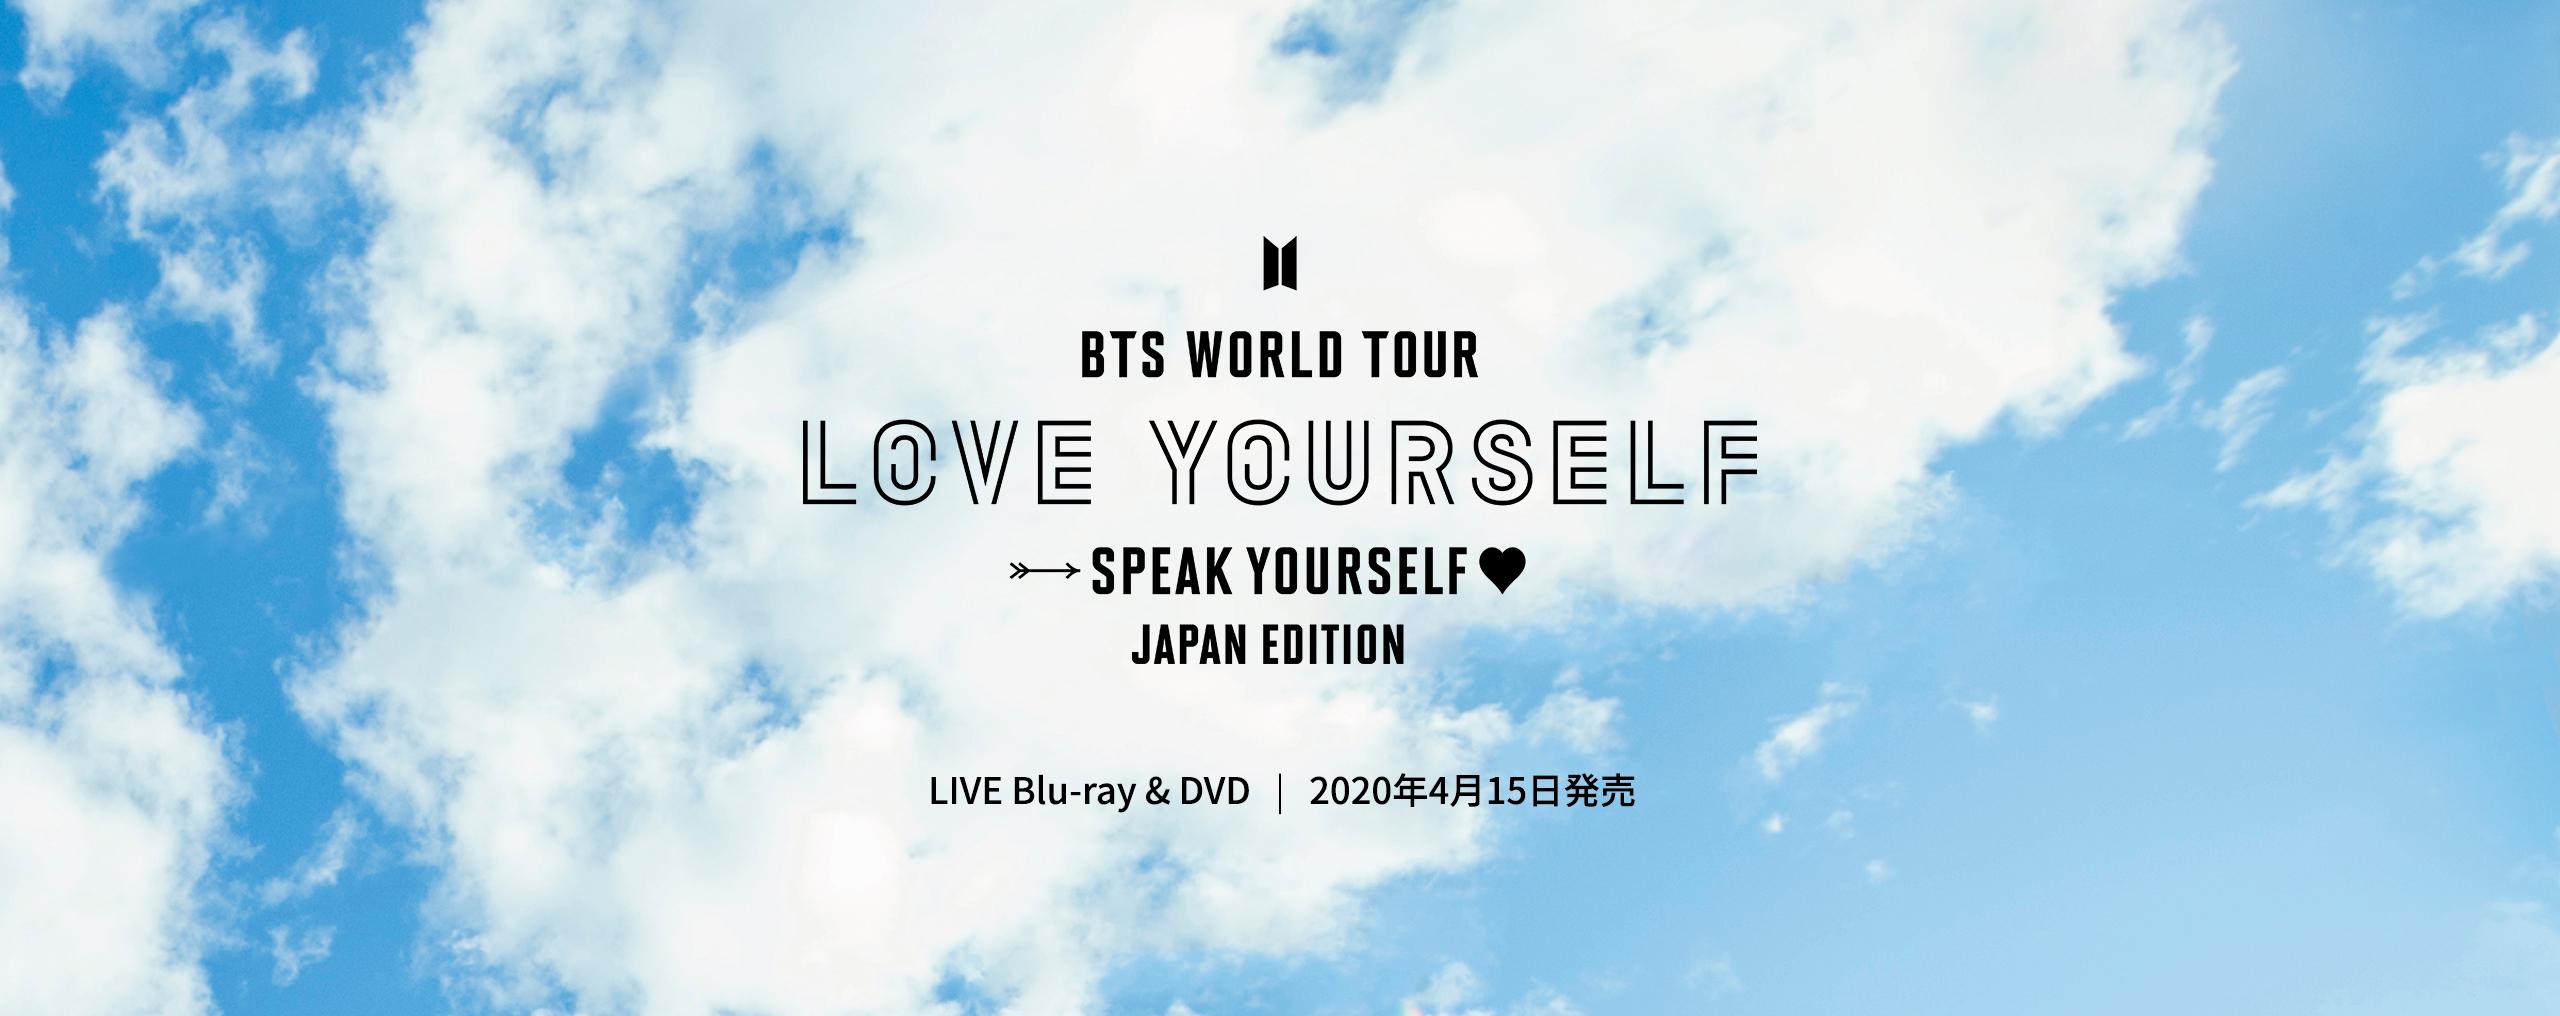 BTS_SY_JP_dvd_main_2560